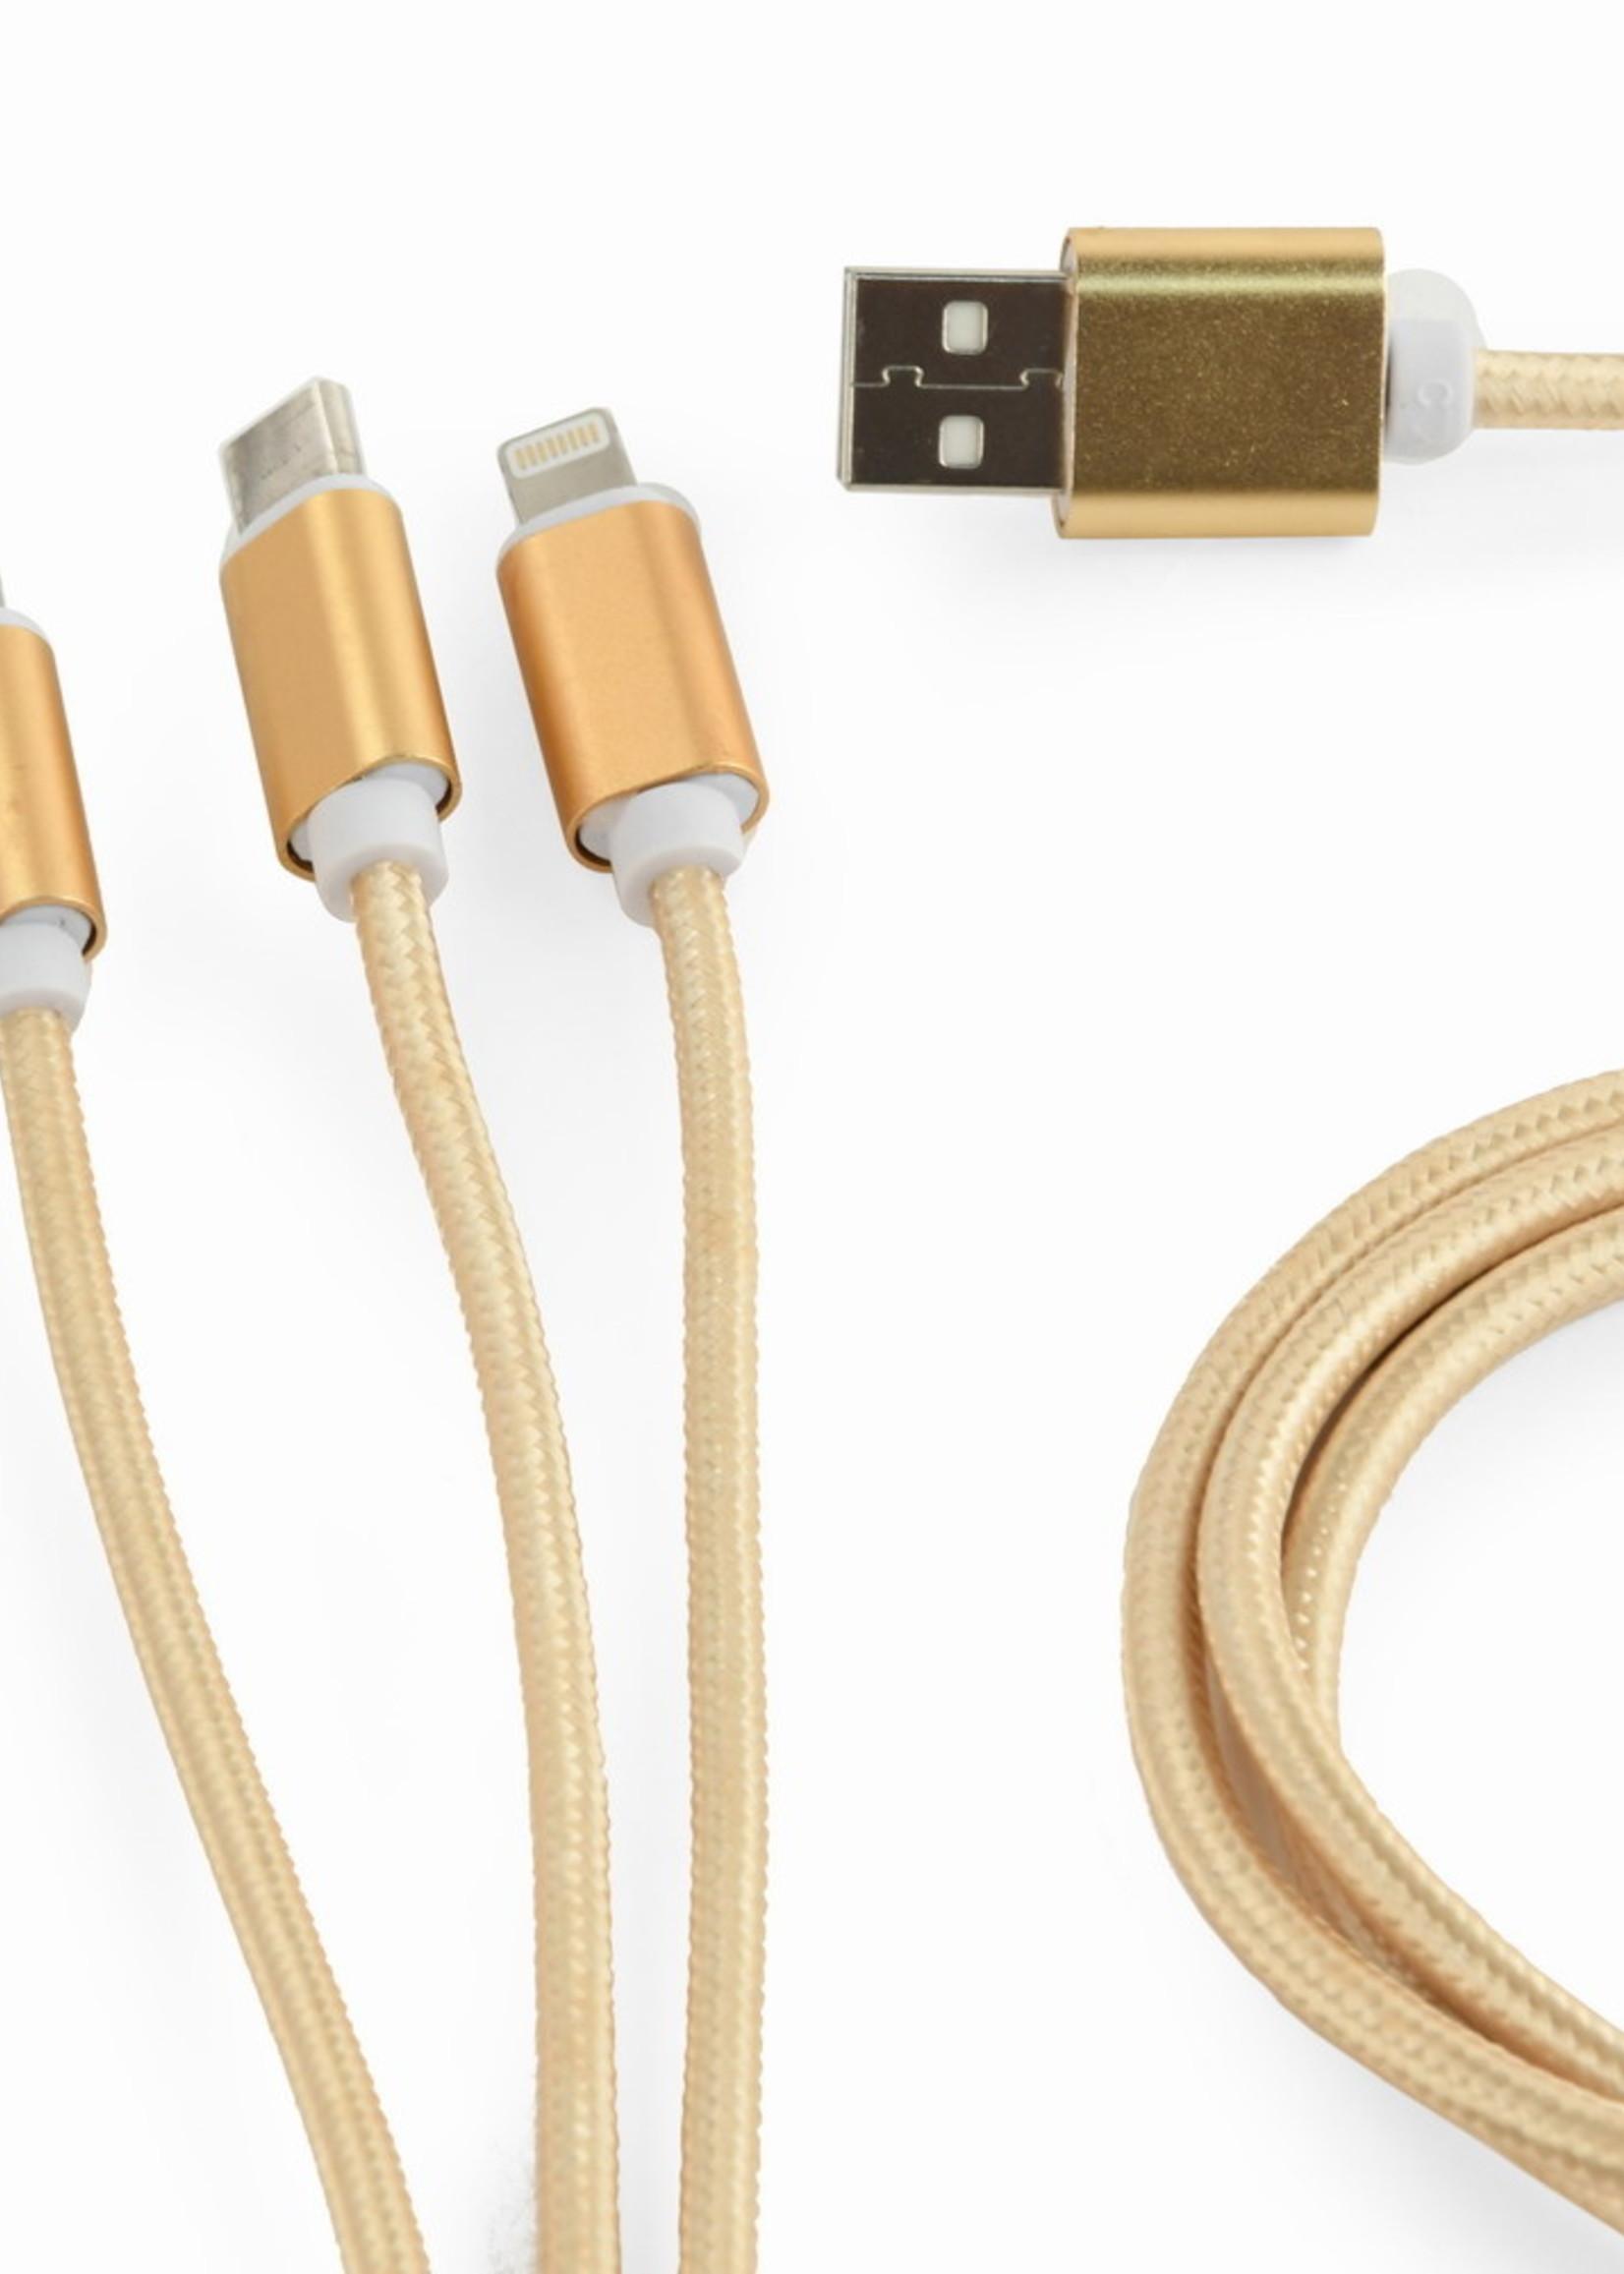 CableXpert 3-in-1 USB laadkabel 1 meter goud